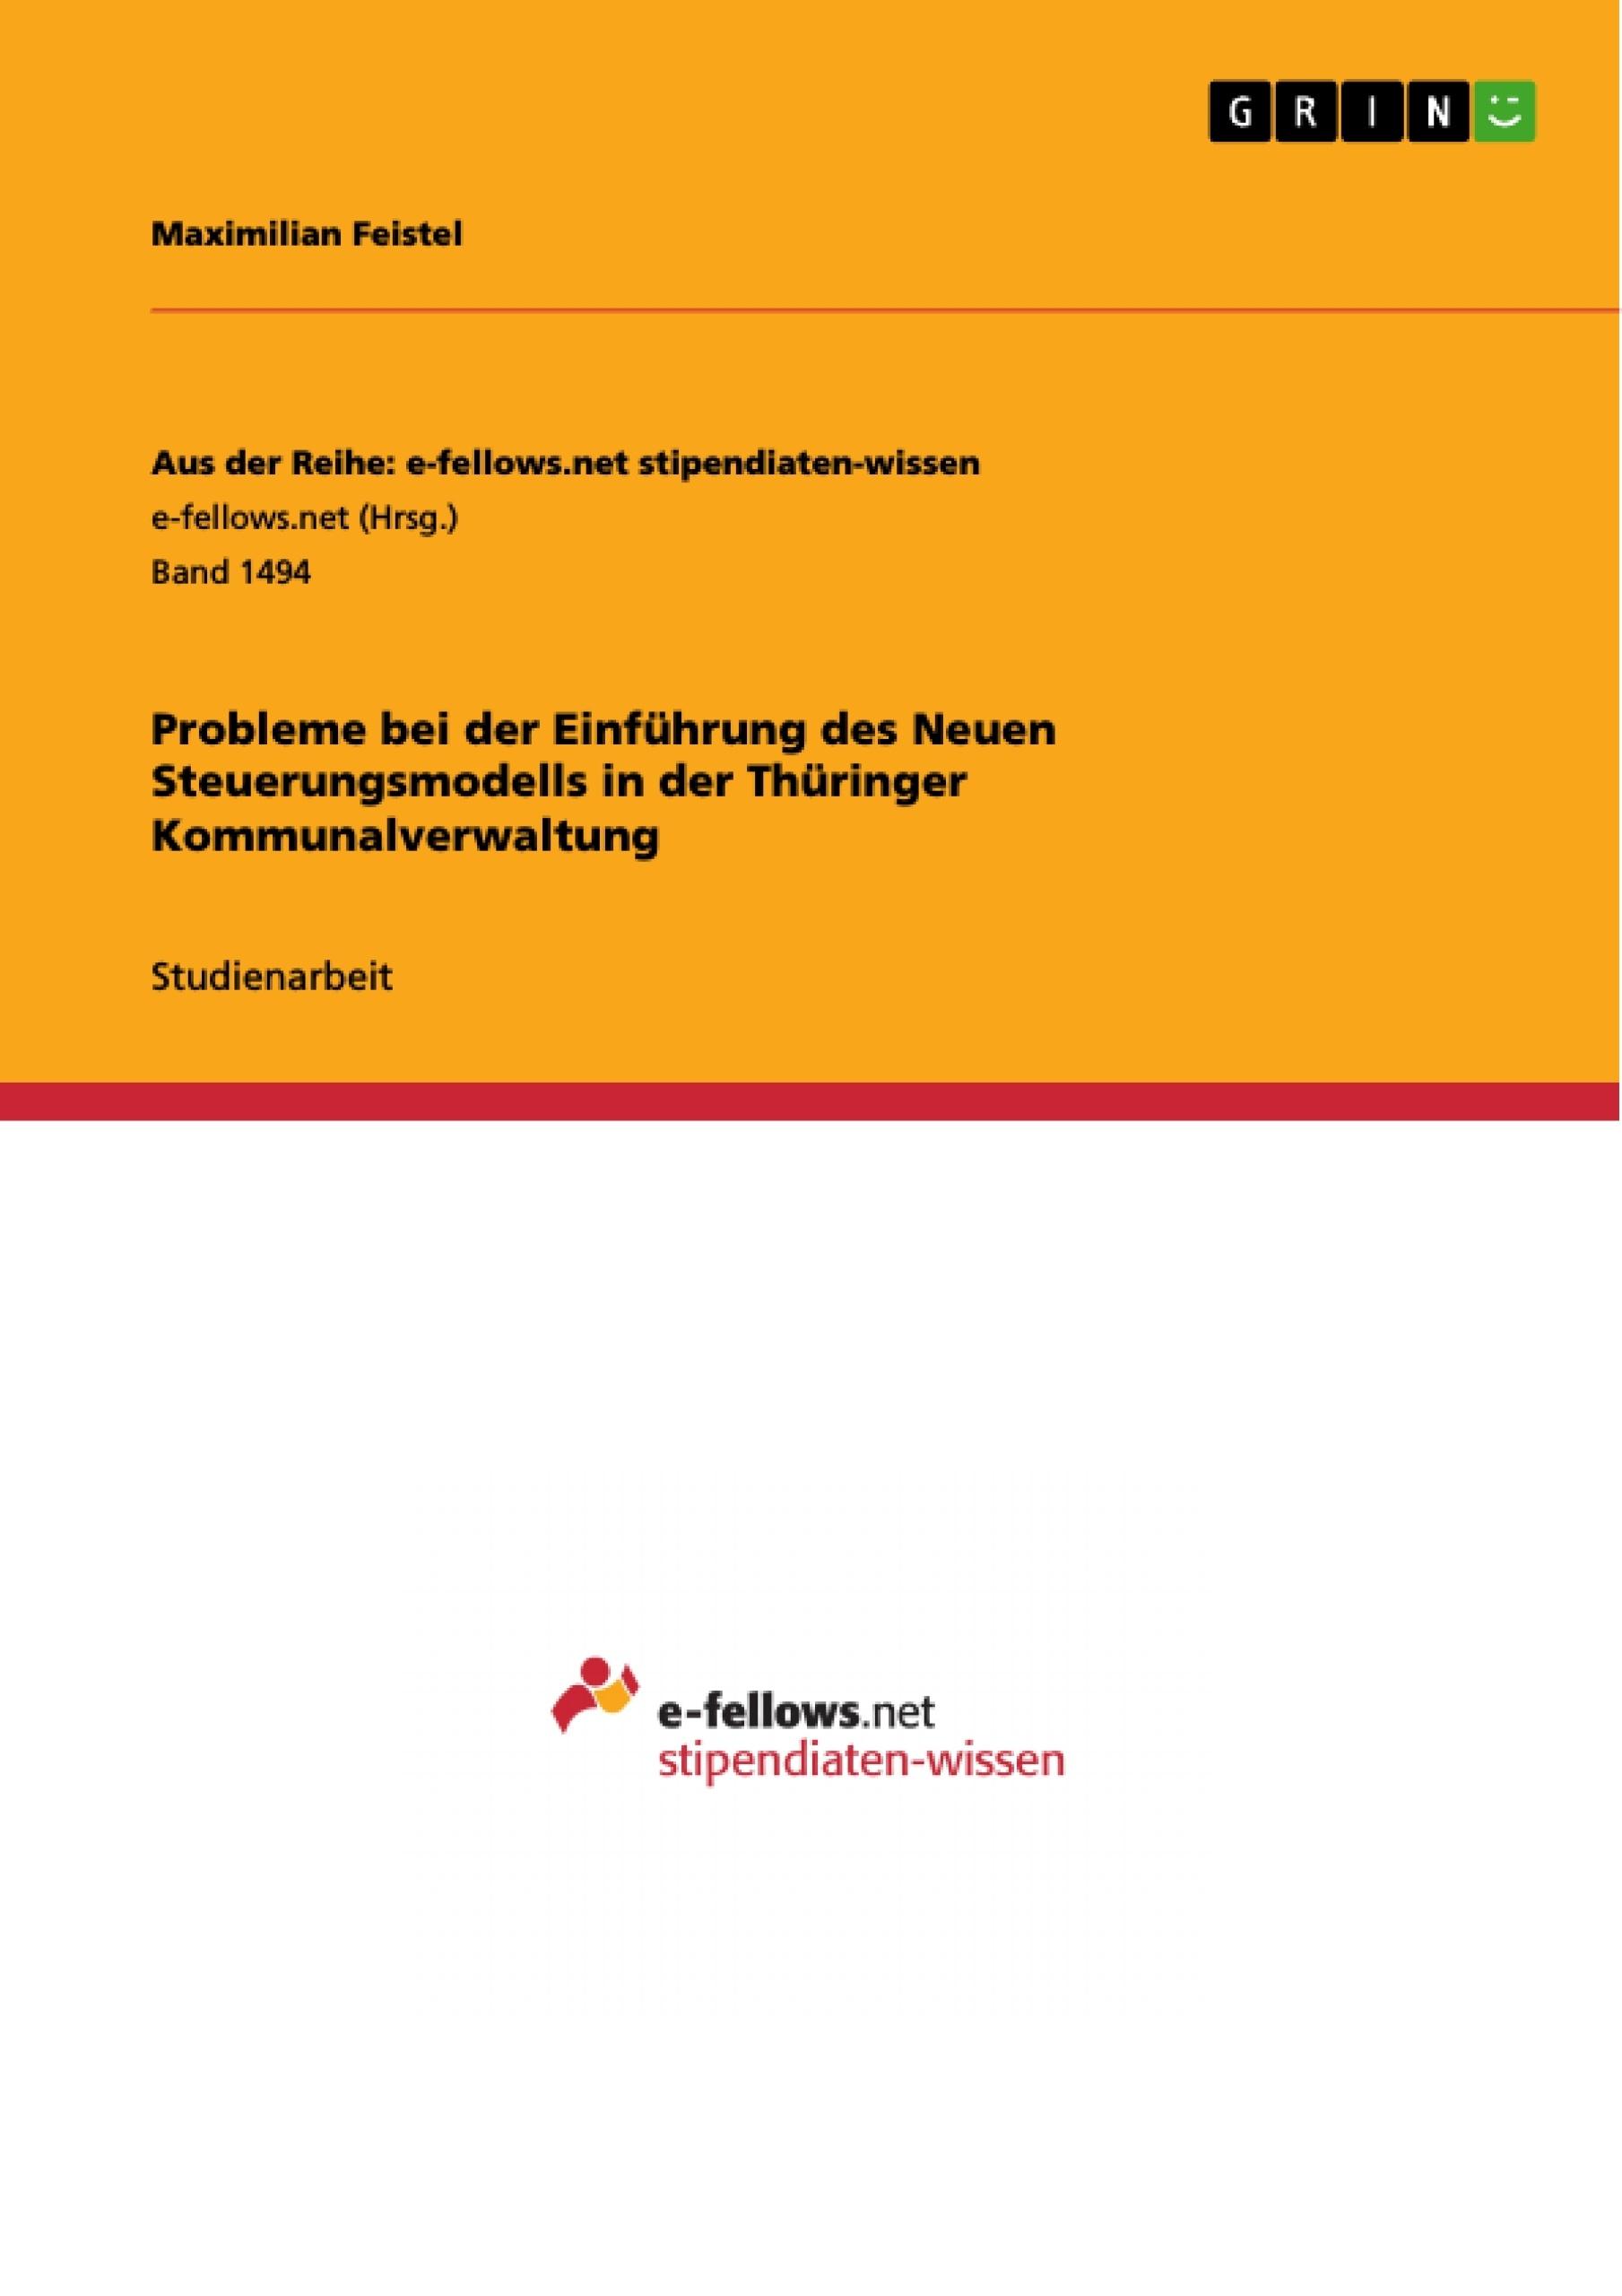 Titel: Probleme bei der Einführung des Neuen Steuerungsmodells in der Thüringer Kommunalverwaltung